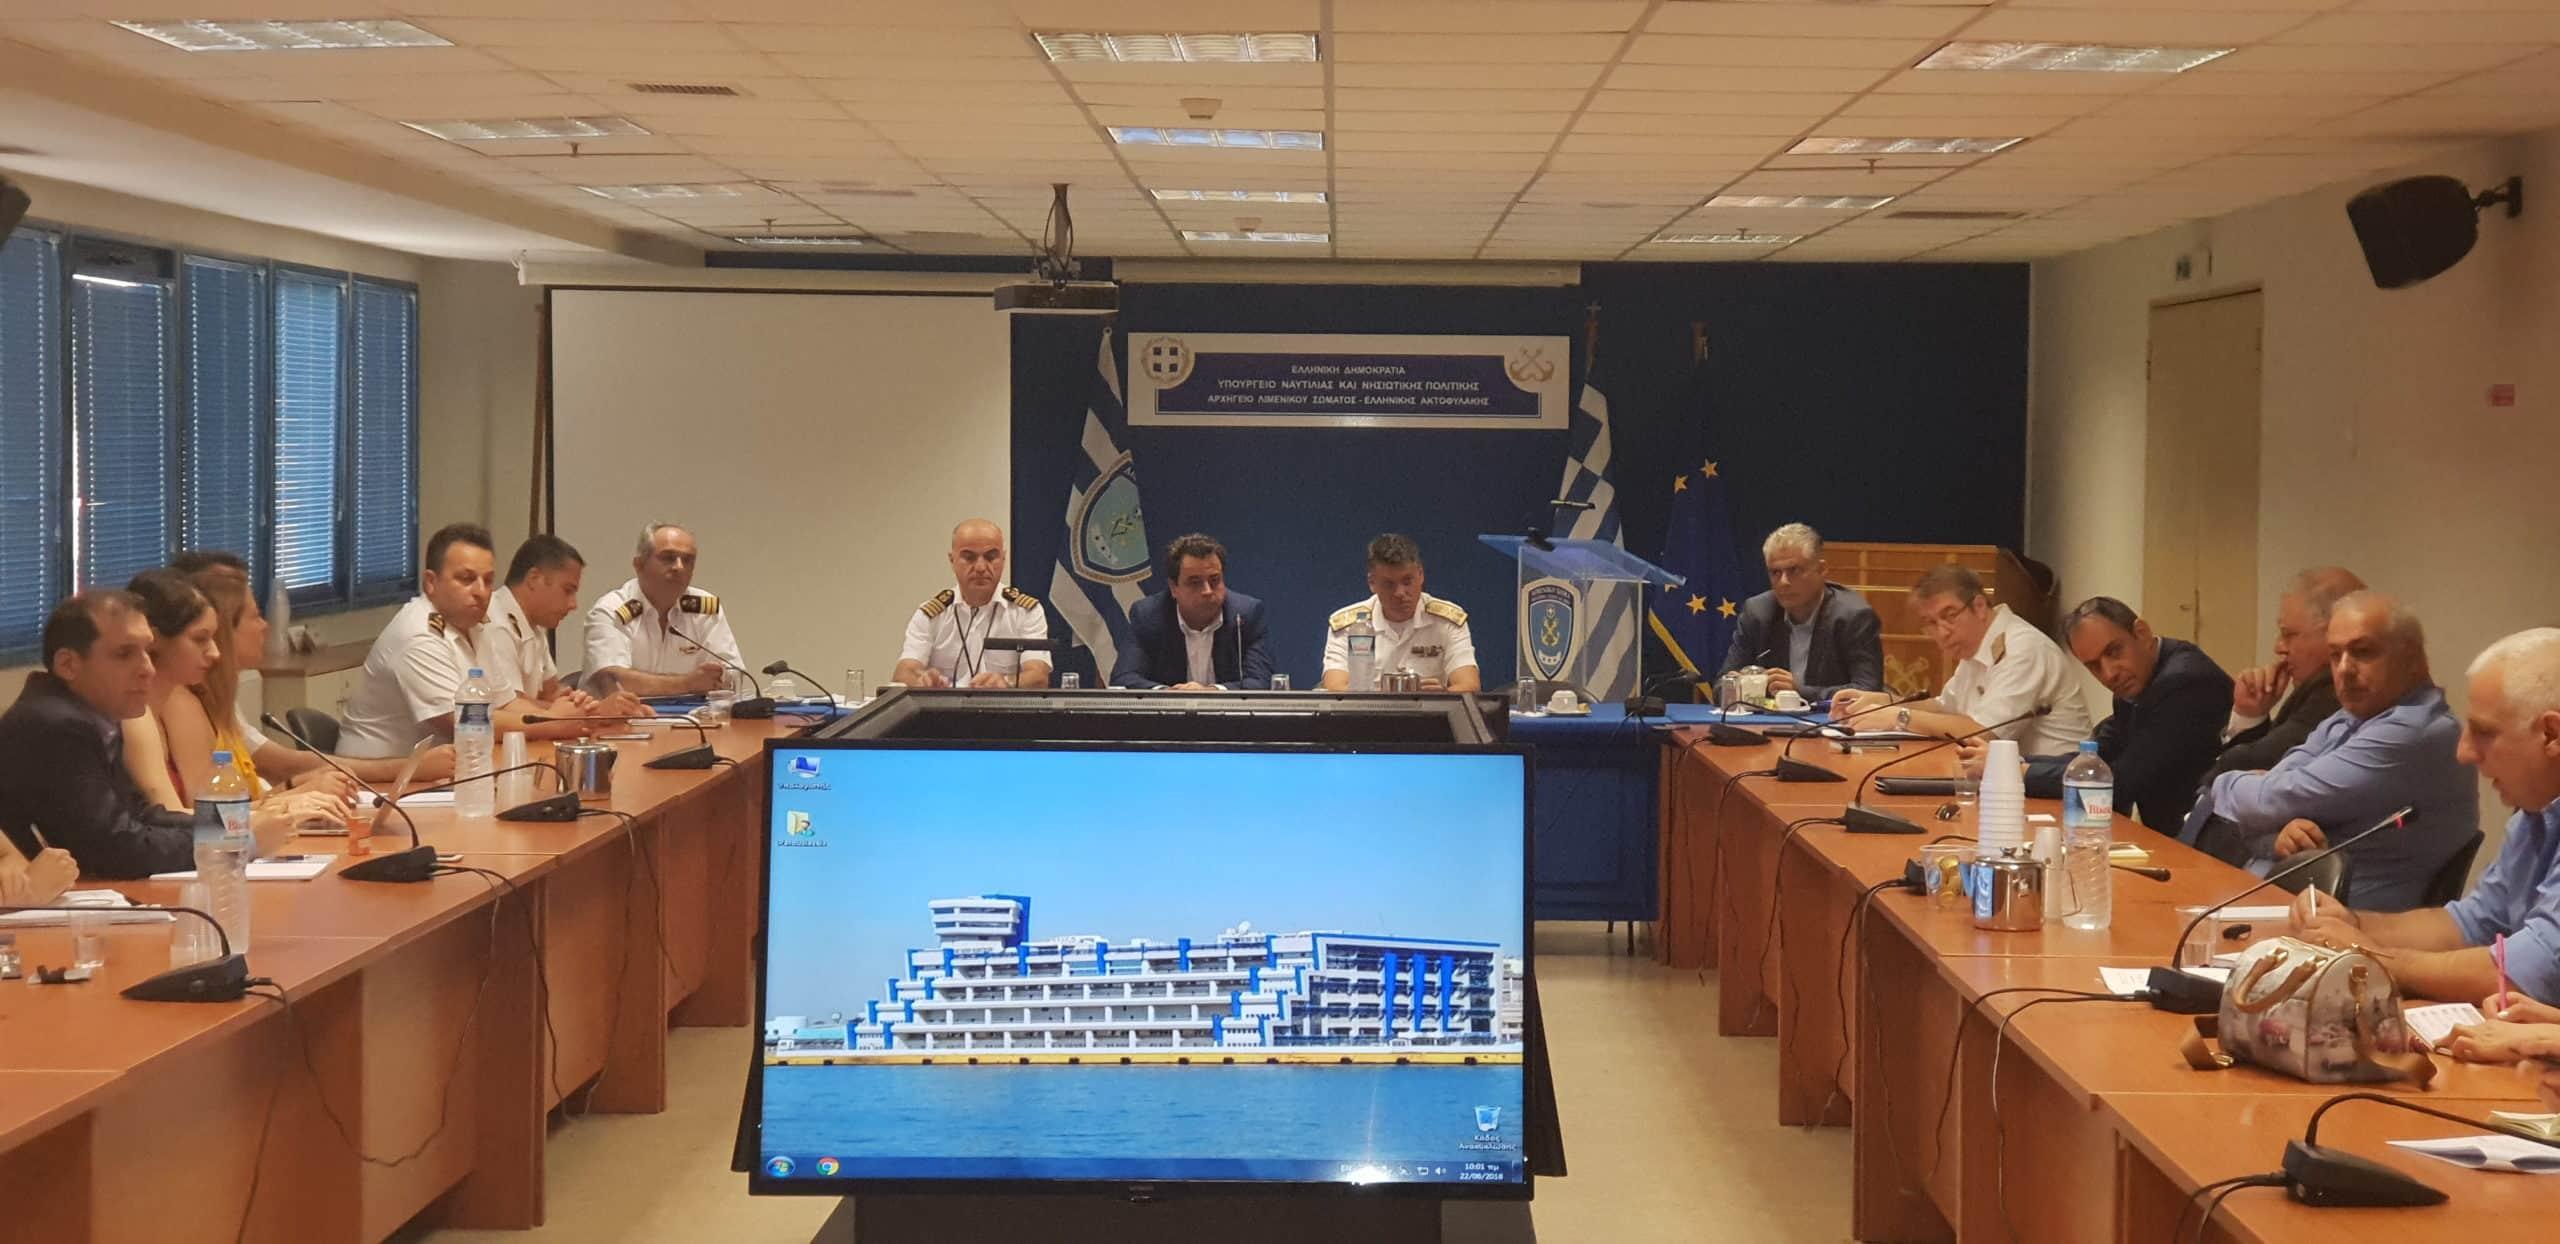 Αποτέλεσμα εικόνας για Σύσκεψη με εκπροσώπους ακτοπλοϊκών εταιρειών για το πληροφοριακό σύστημα που θα υποστηρίξει το Μεταφορικό Ισοδύναμο